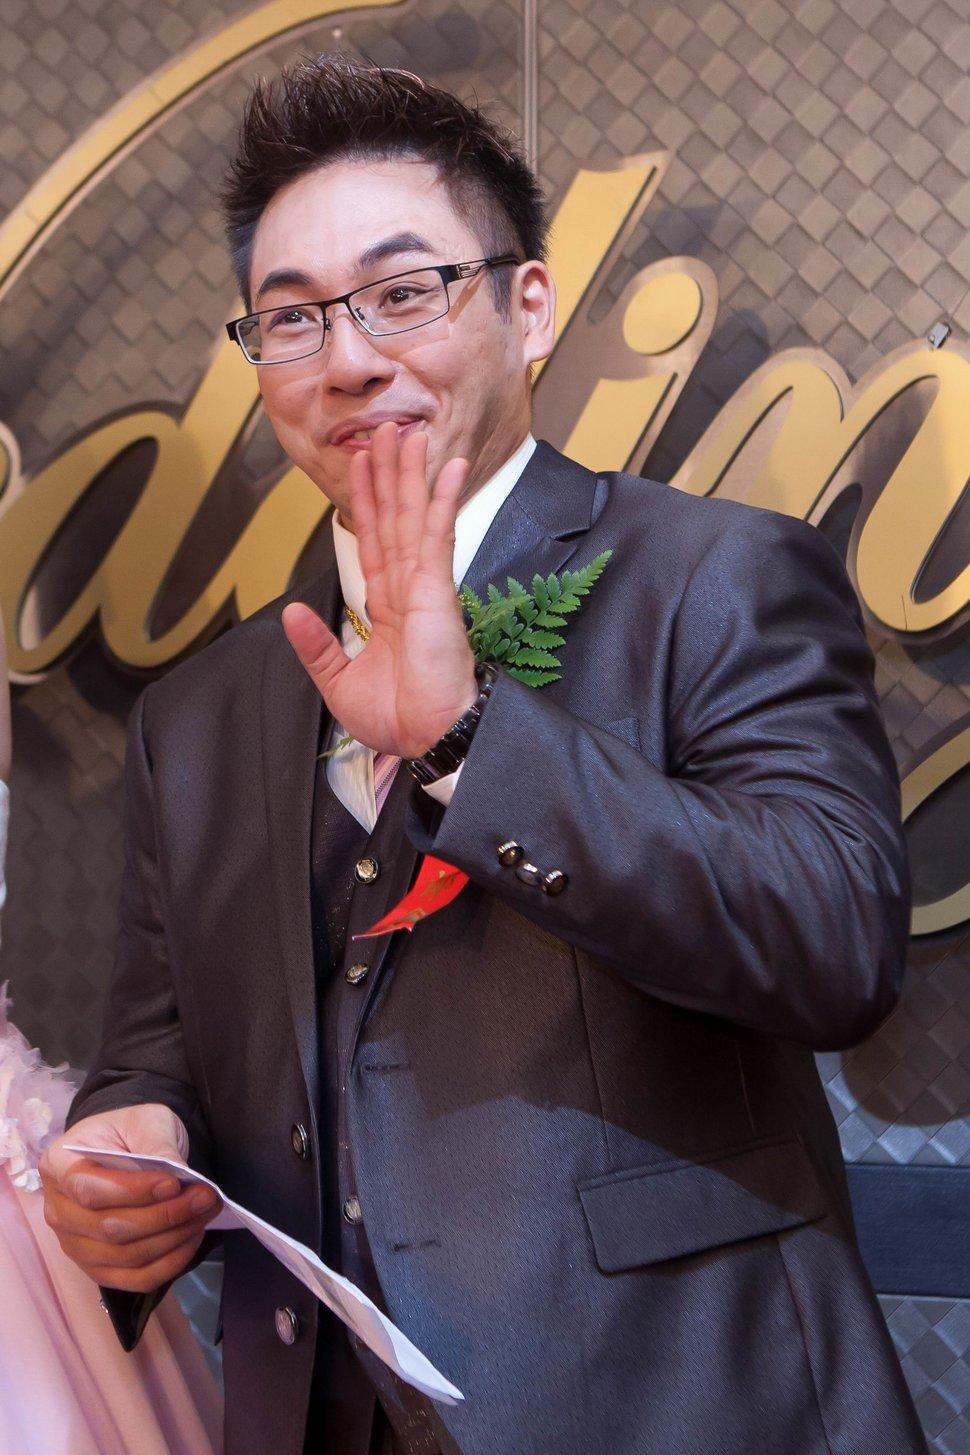 長榮桂冠酒店彭園會館婚禮記錄專業錄影平面攝影(編號:195118) - 蜜月拍照10800錄影12800攝影團隊 - 結婚吧